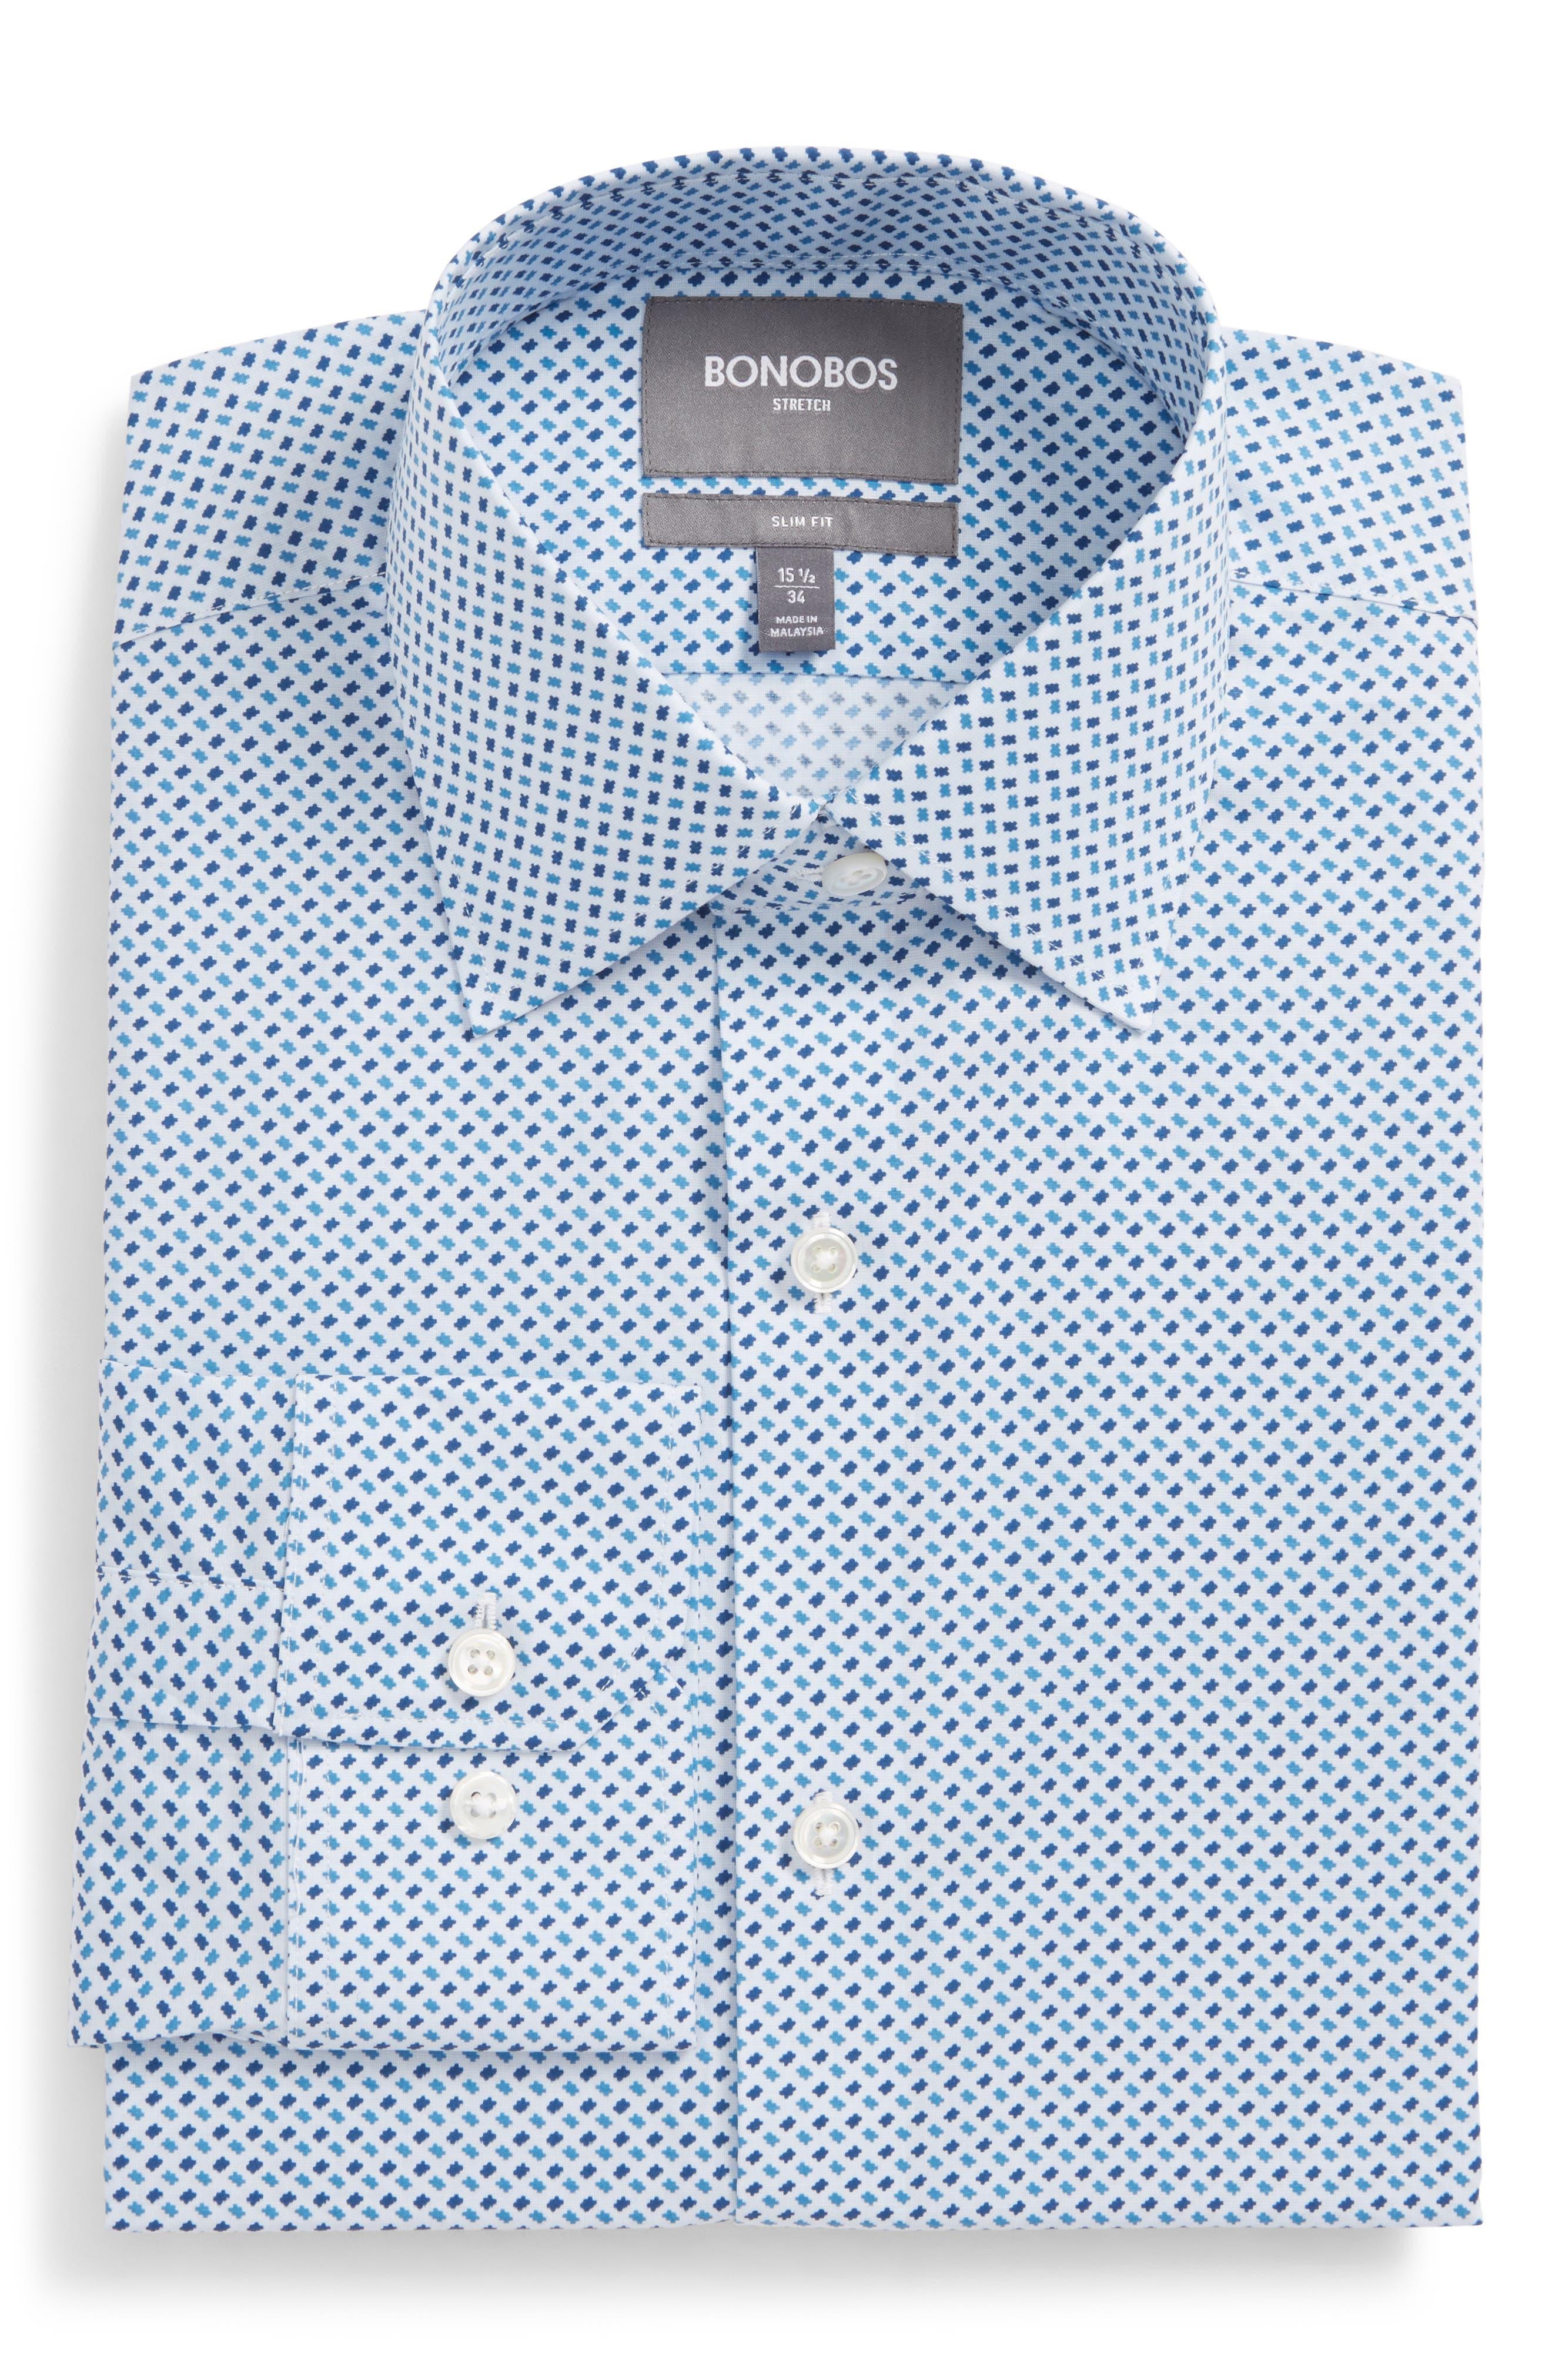 BONOBOS,                             Easton Slim Fit Geometric Print Dress Shirt,                             Main thumbnail 1, color,                             400